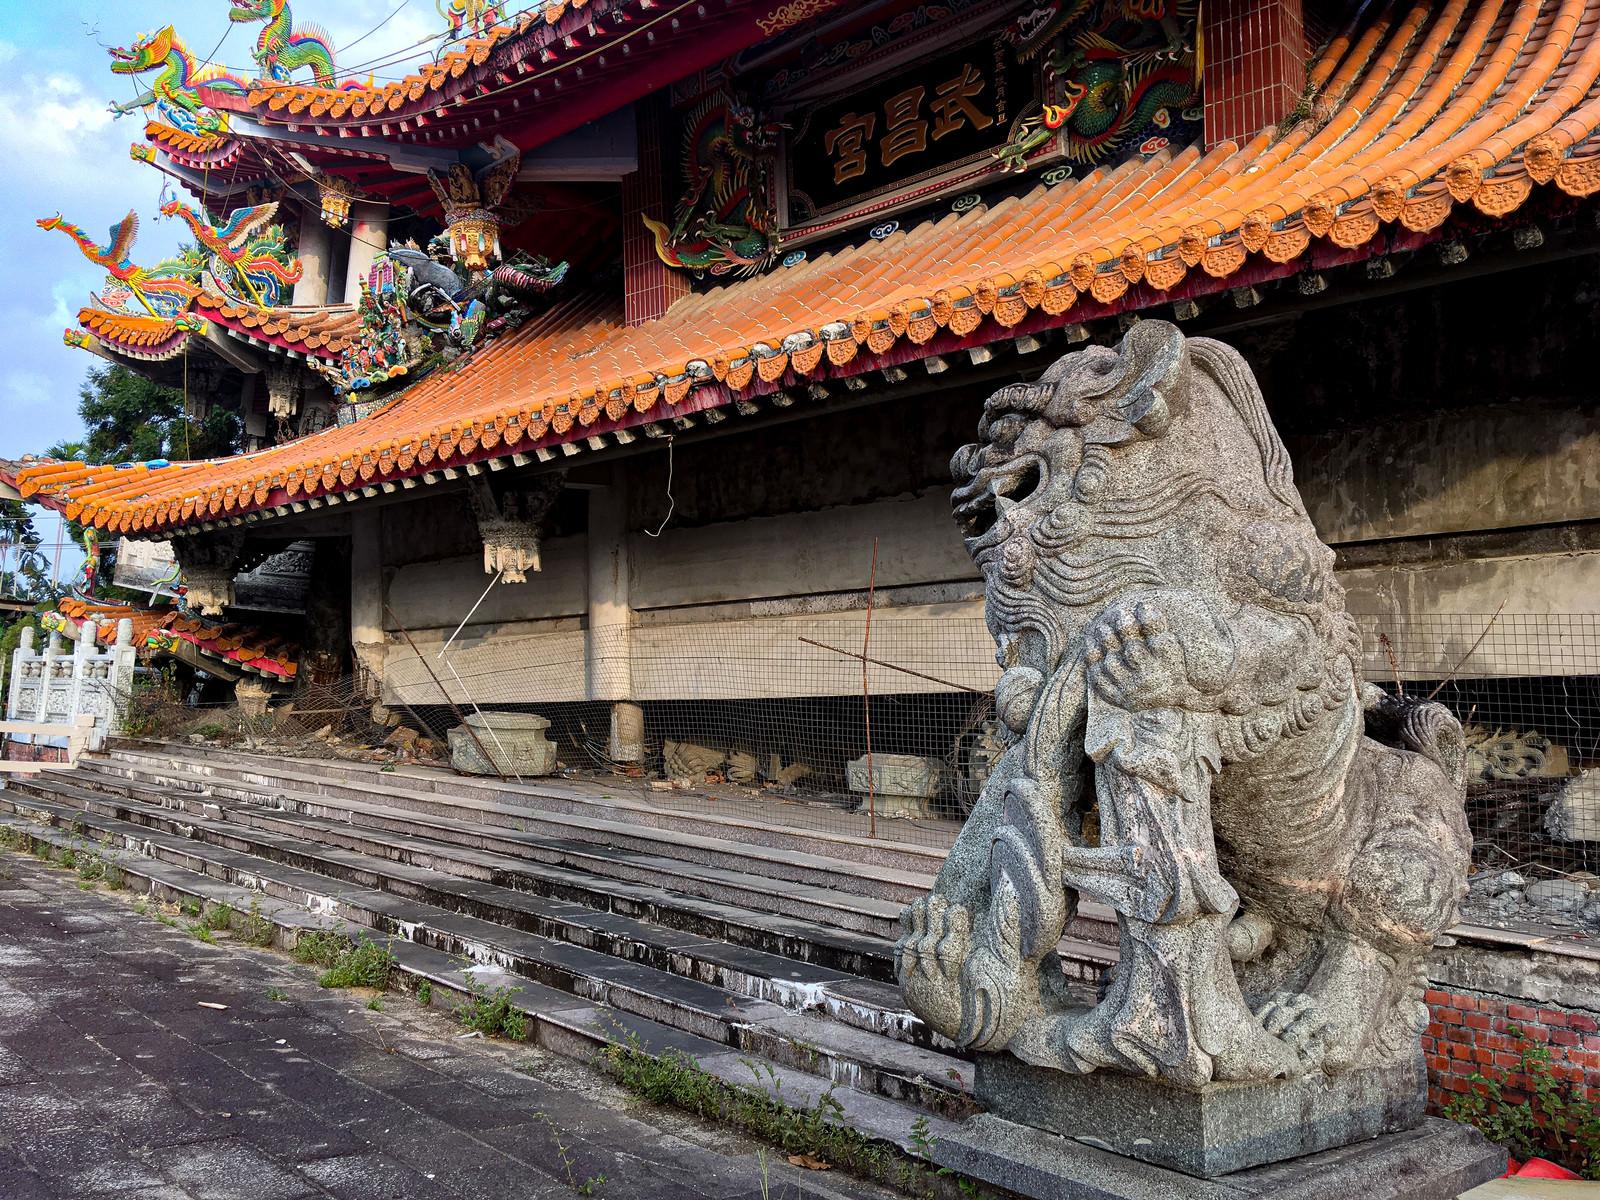 「地震で崩れた寺院に鎮座する狛犬の石像(台湾)」の写真